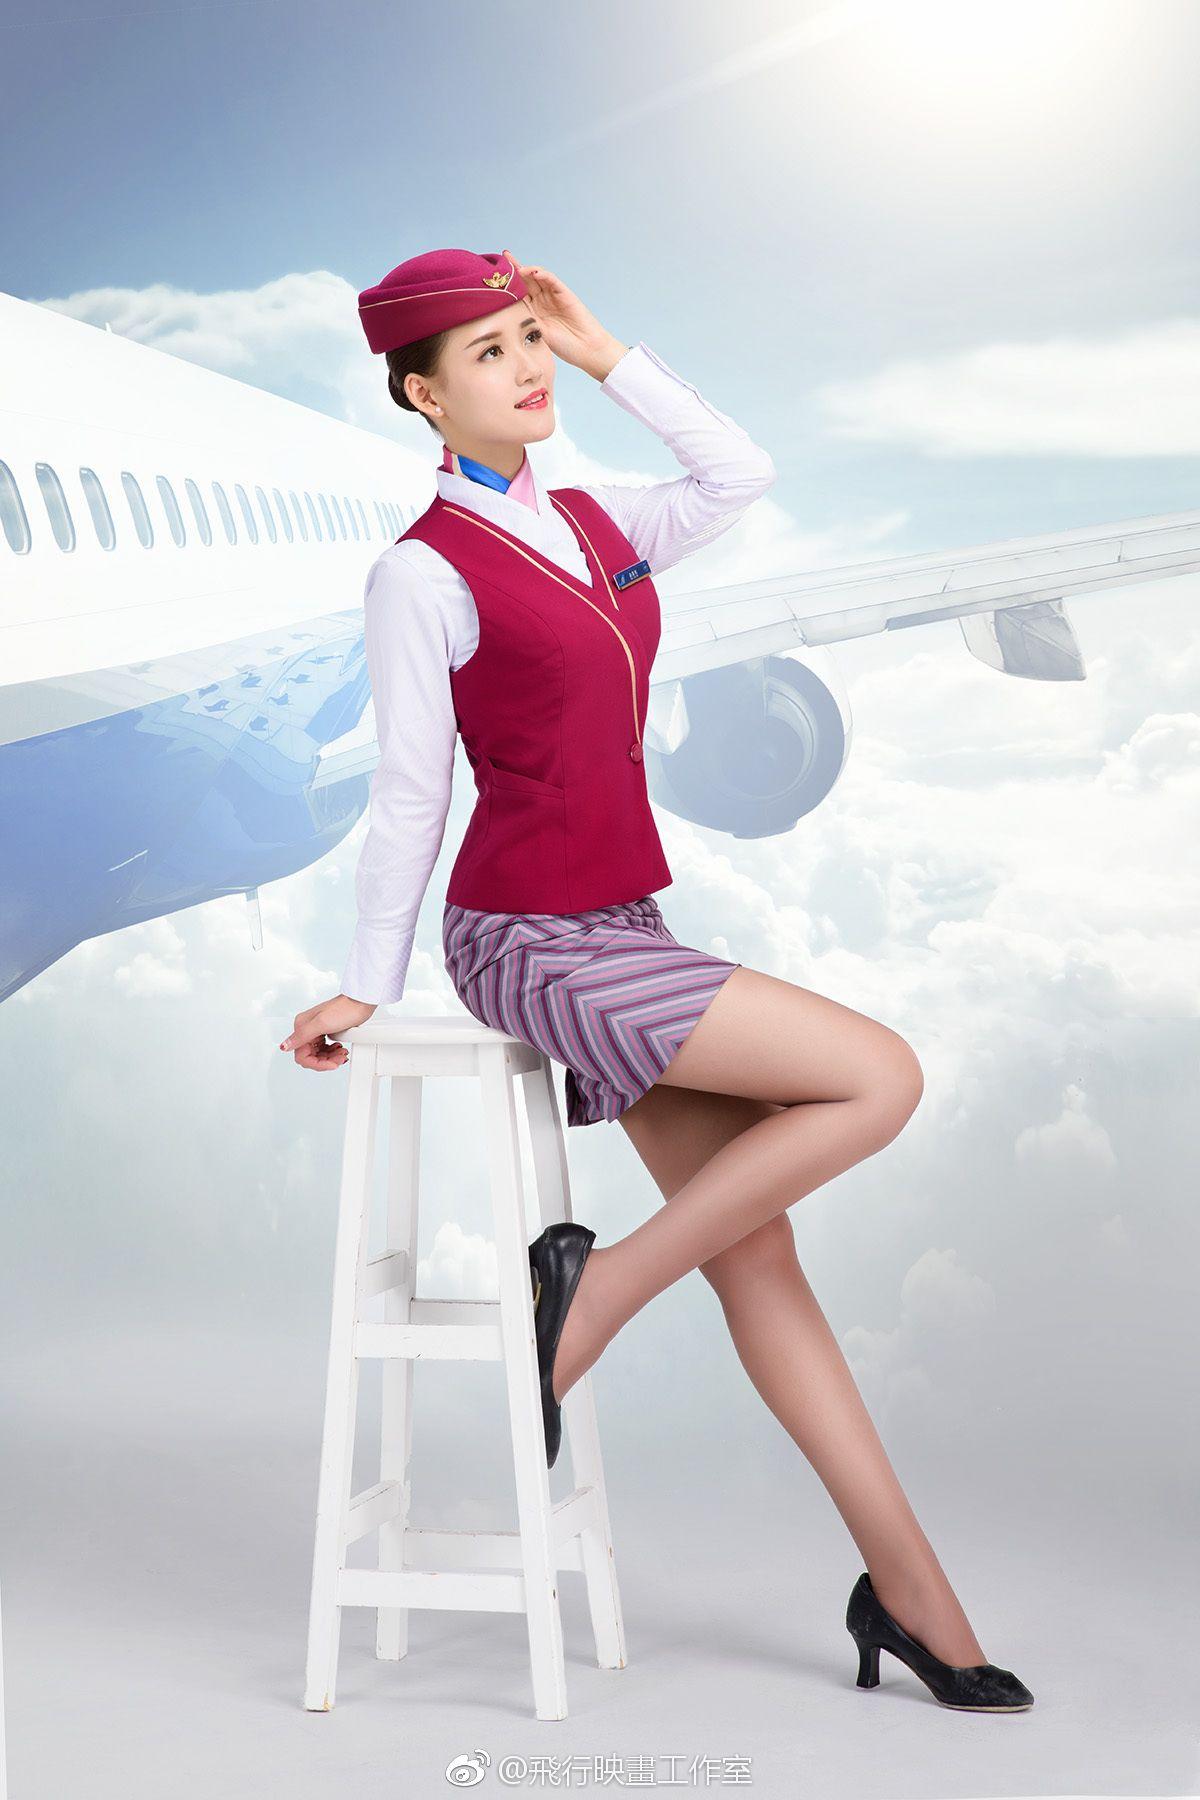 Шикарная стюардесса смотреть онлайн